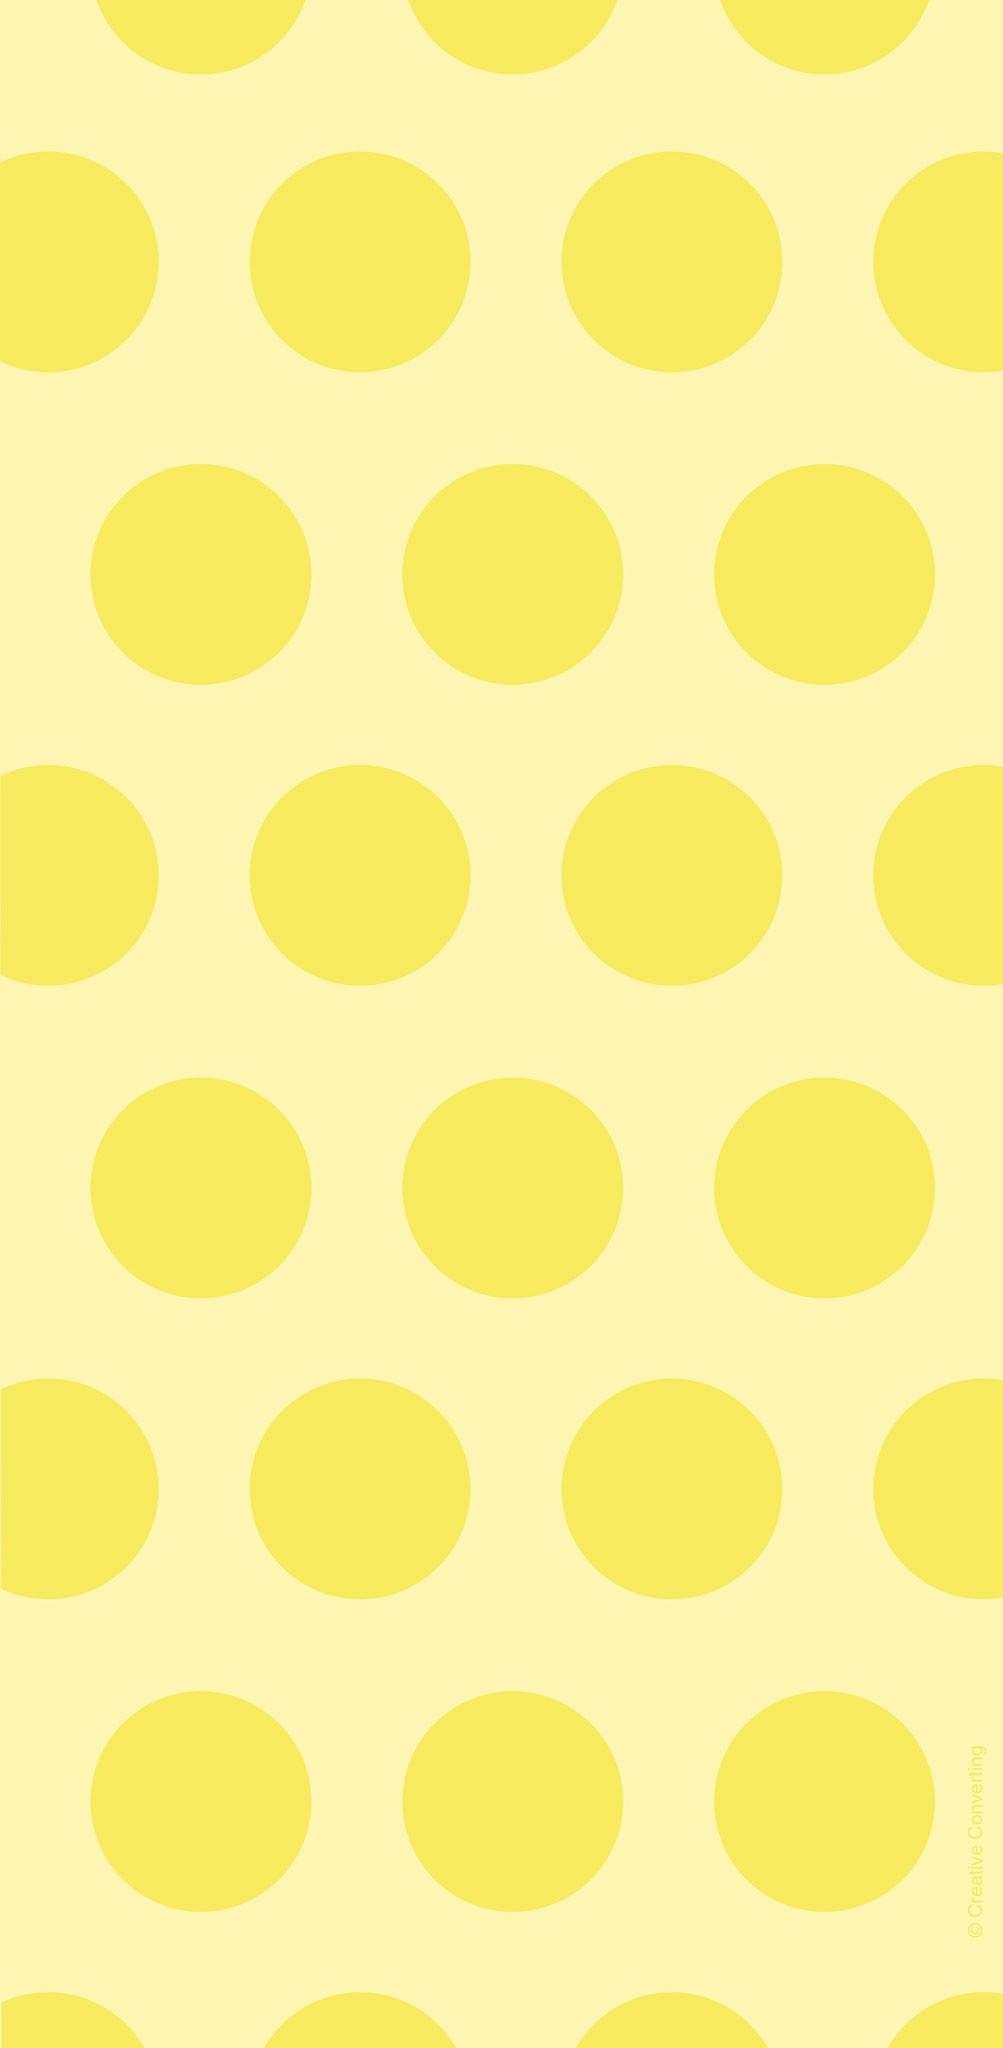 שקיות יום הולדת ניילון נקודות צהוב